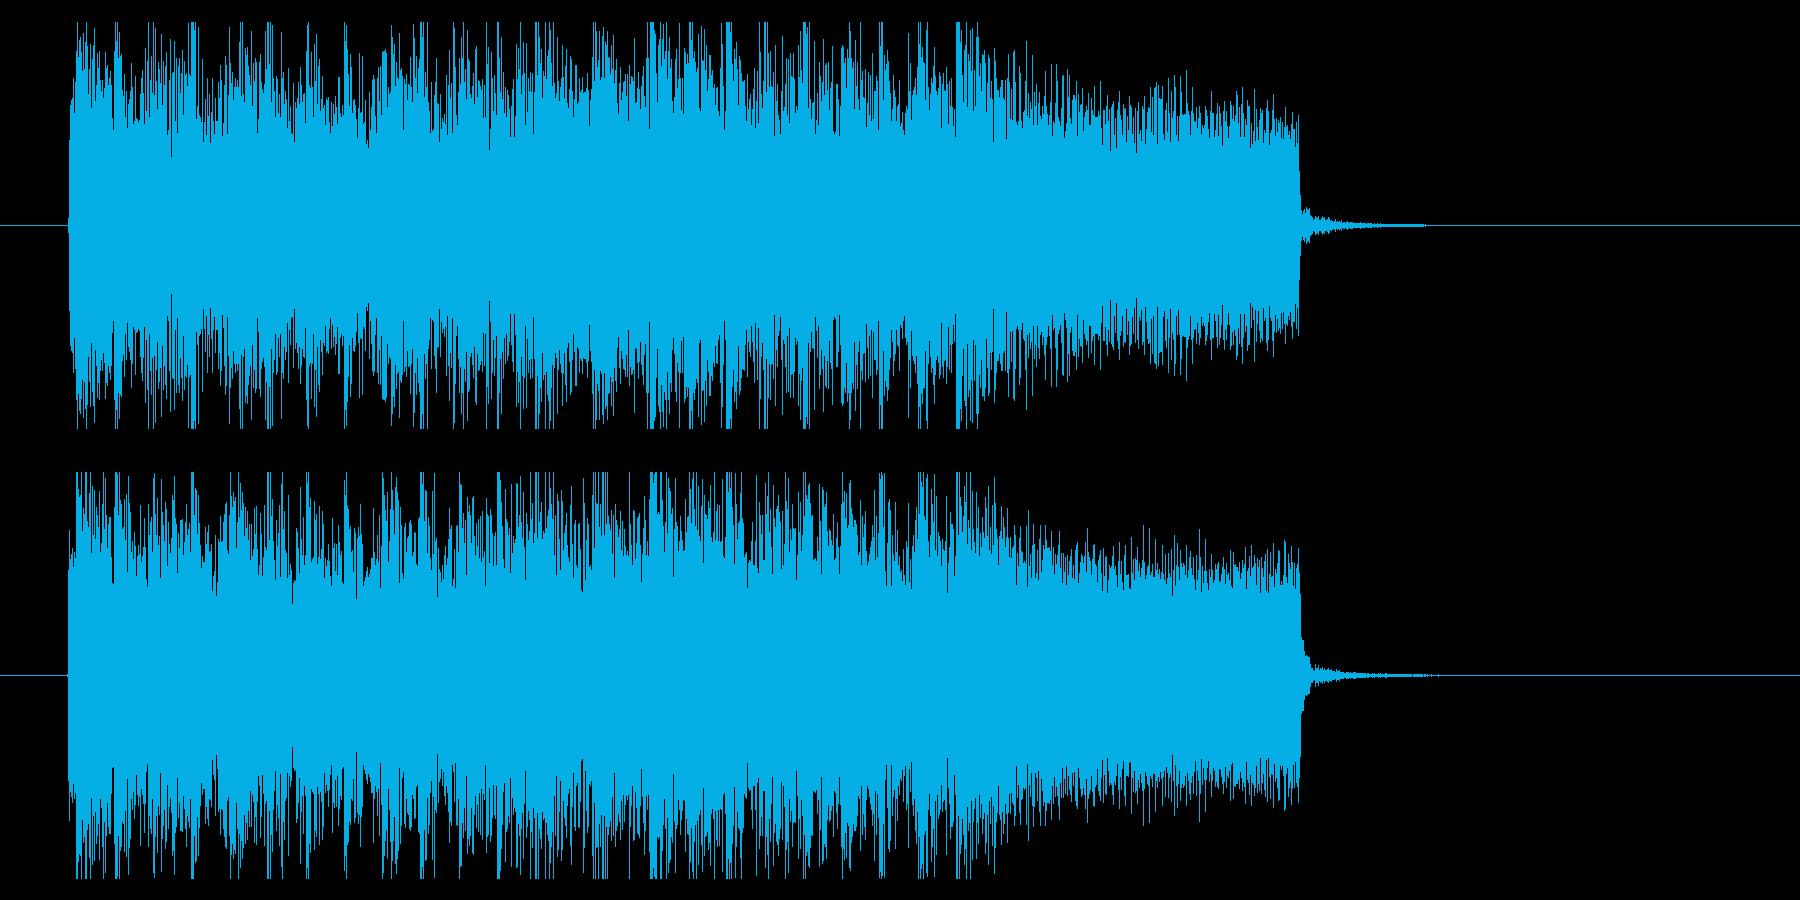 スラッシュメタルジングル(BPM200)の再生済みの波形